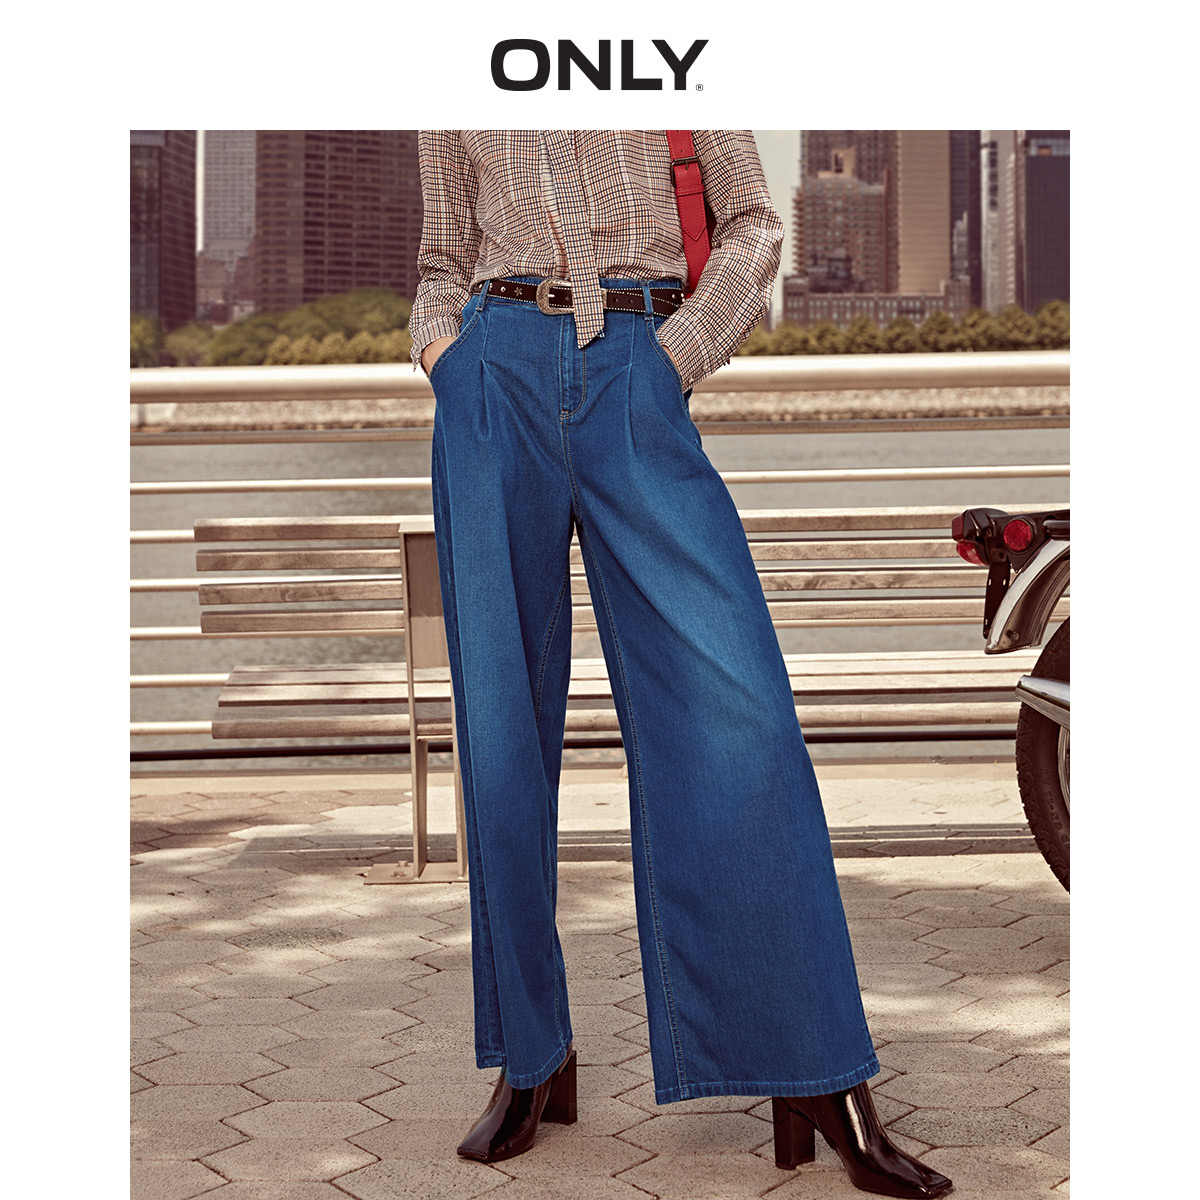 فقط المرأة الصيف جديد ريترو عالية الخصر فضفاض واسعة الساق جينز غير رسمي   118332510